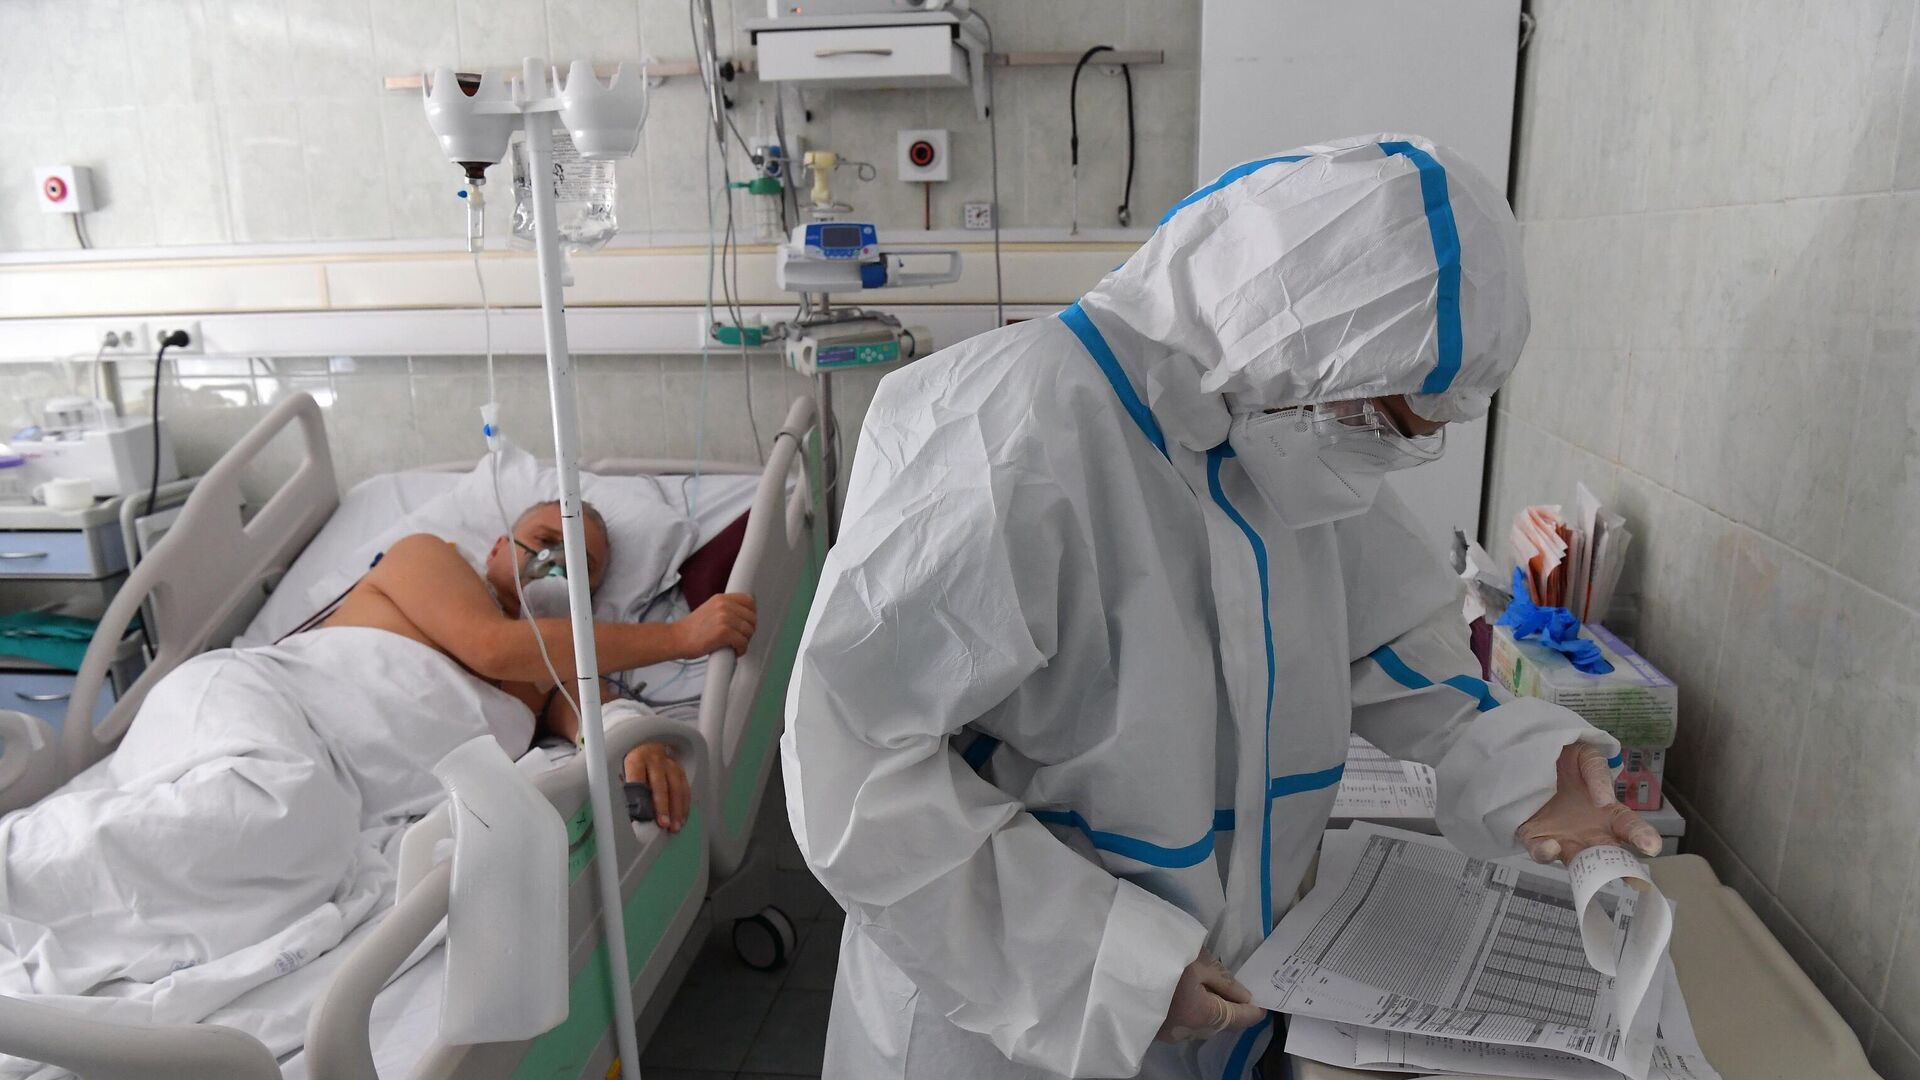 Лечение больных с коронавирусом в Москве в ГКБ №52 - Sputnik Беларусь, 1920, 28.09.2021